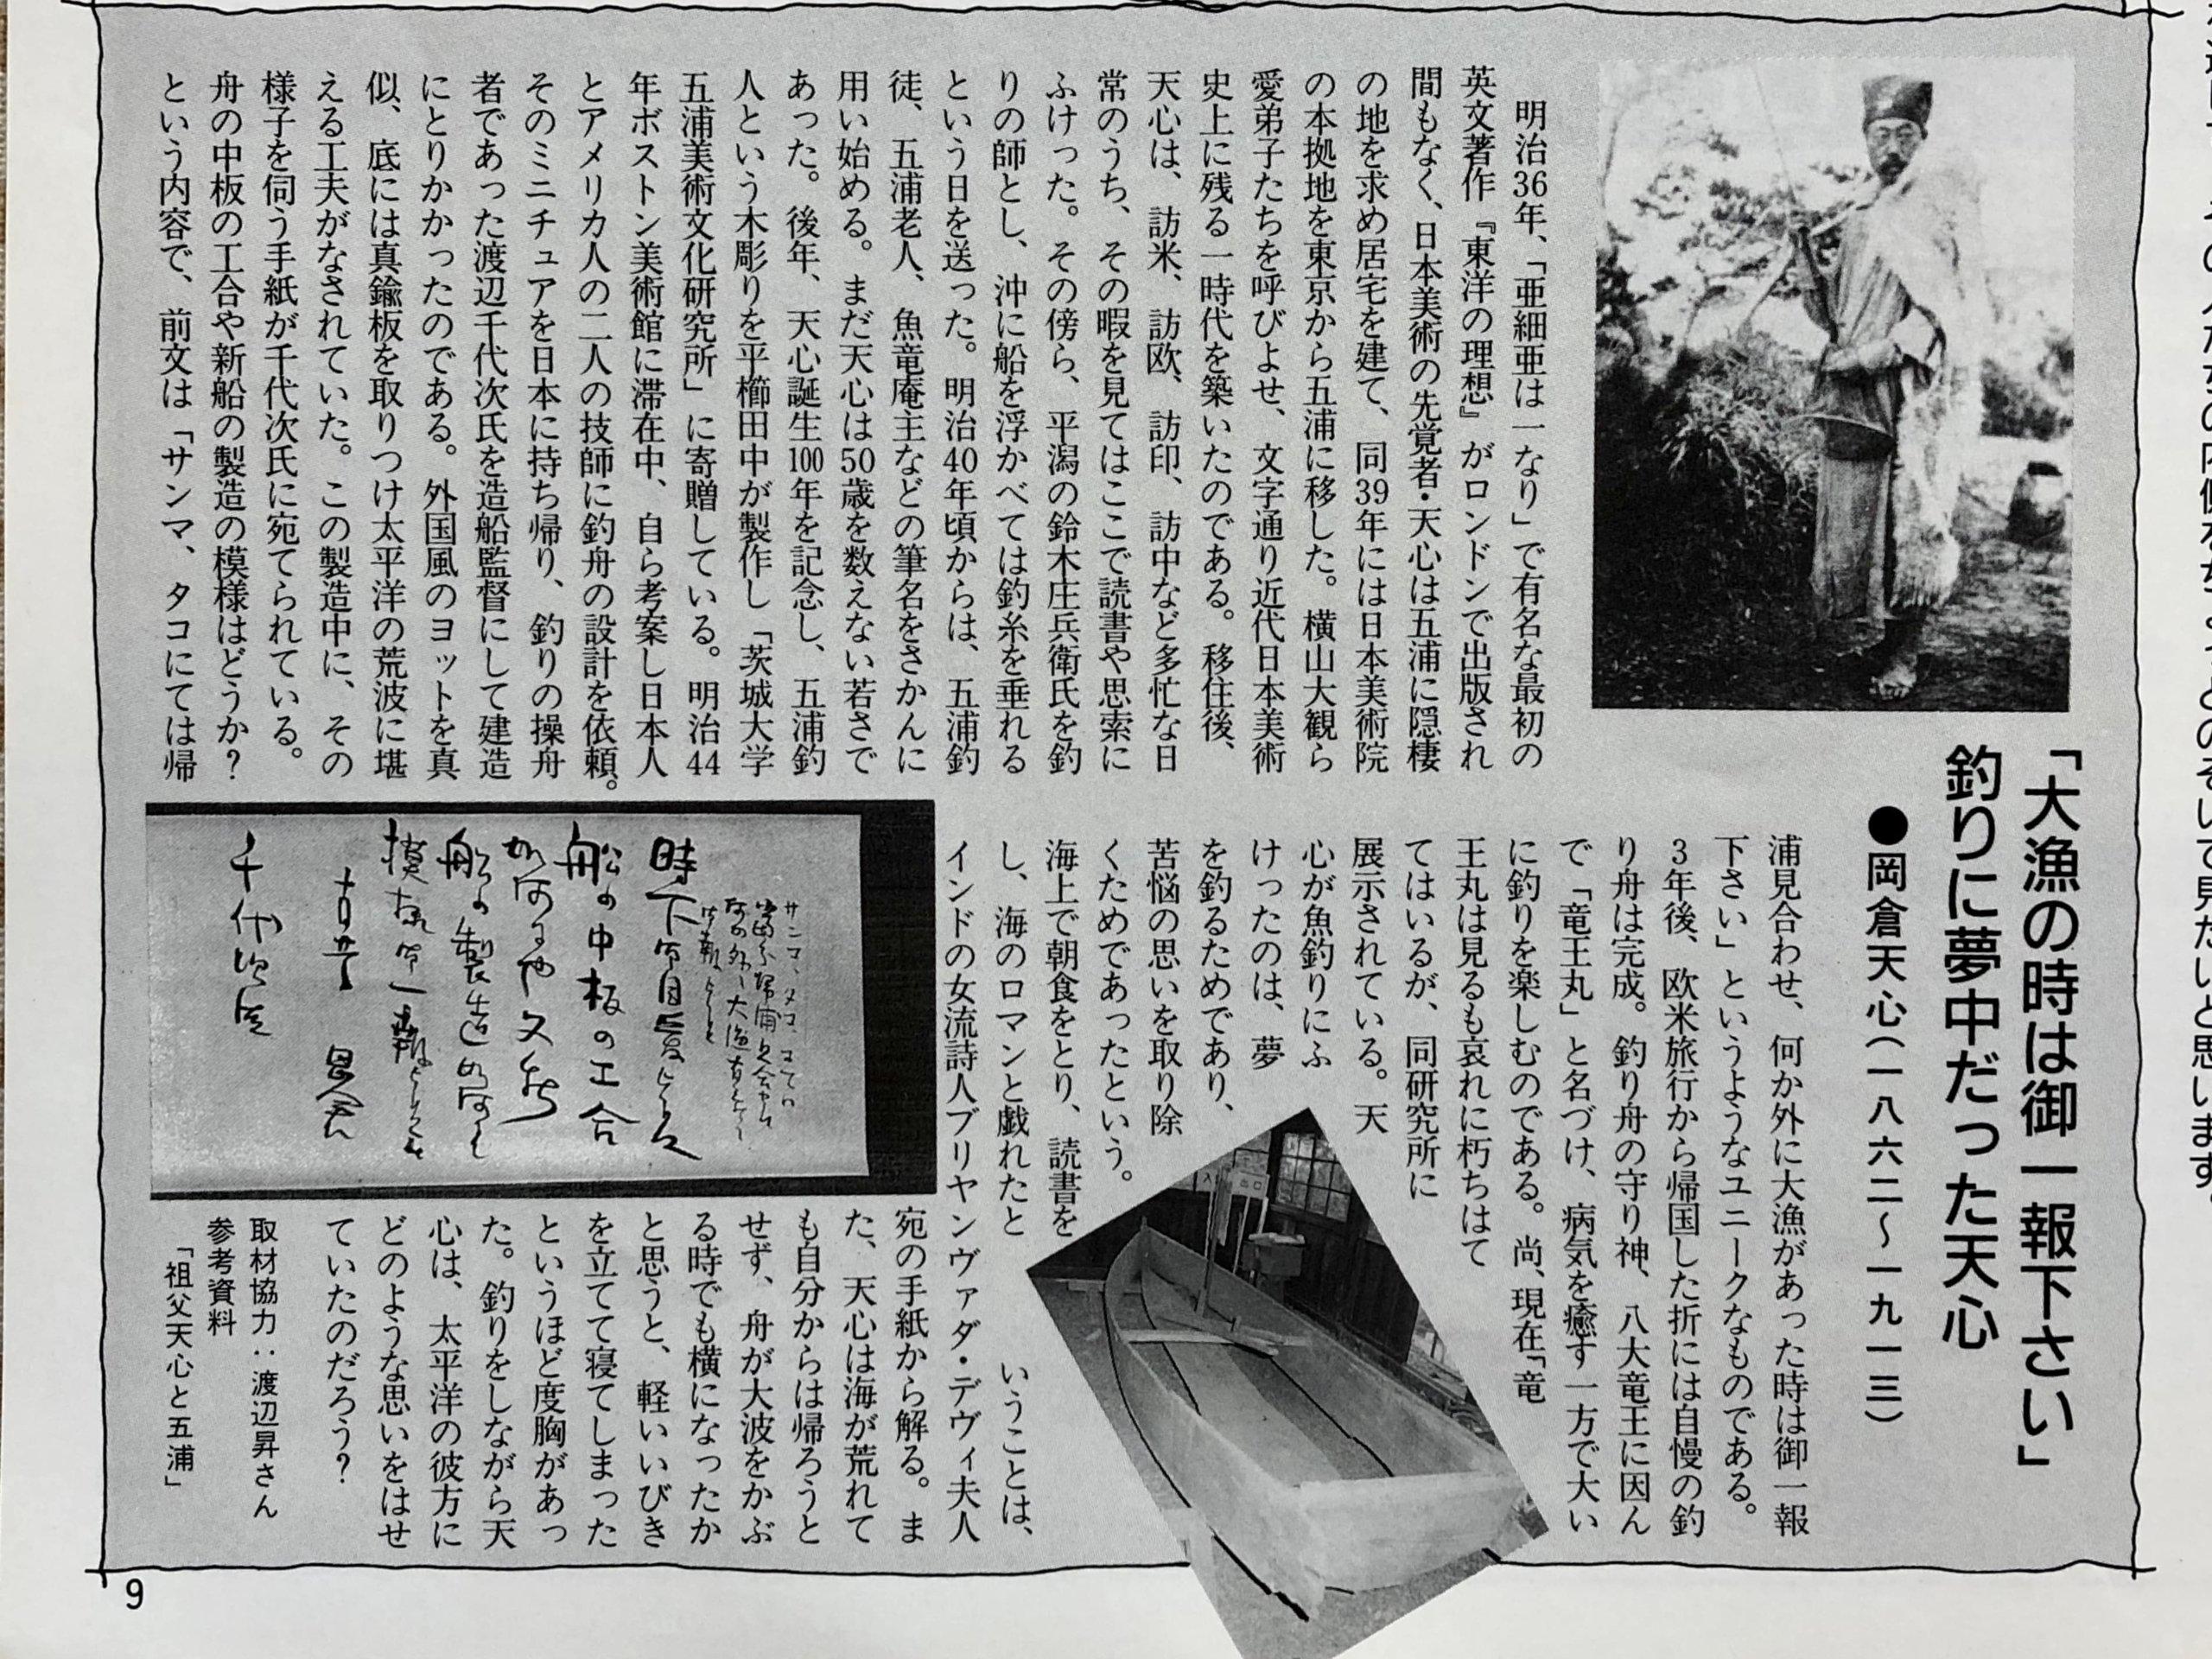 岡倉天心の手紙